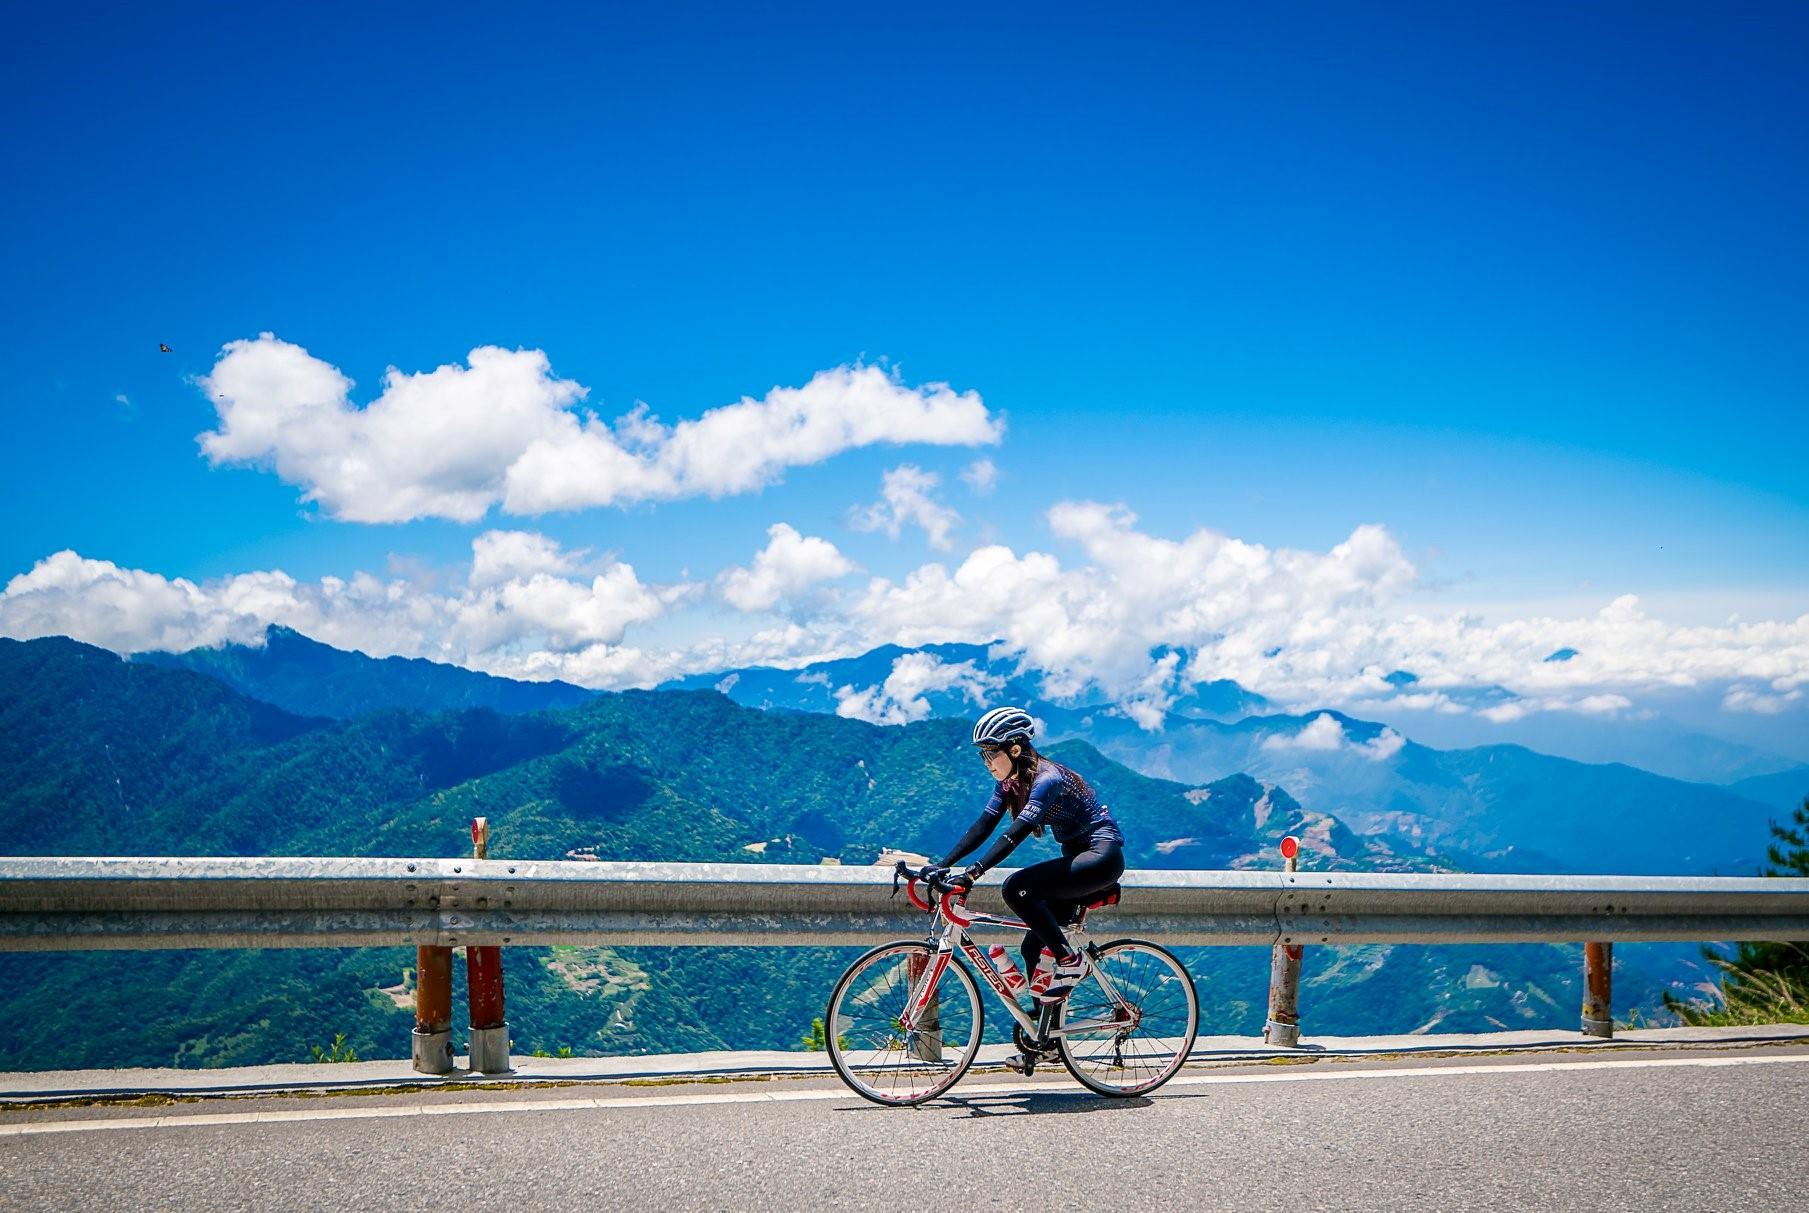 武嶺單車-自行車旅遊